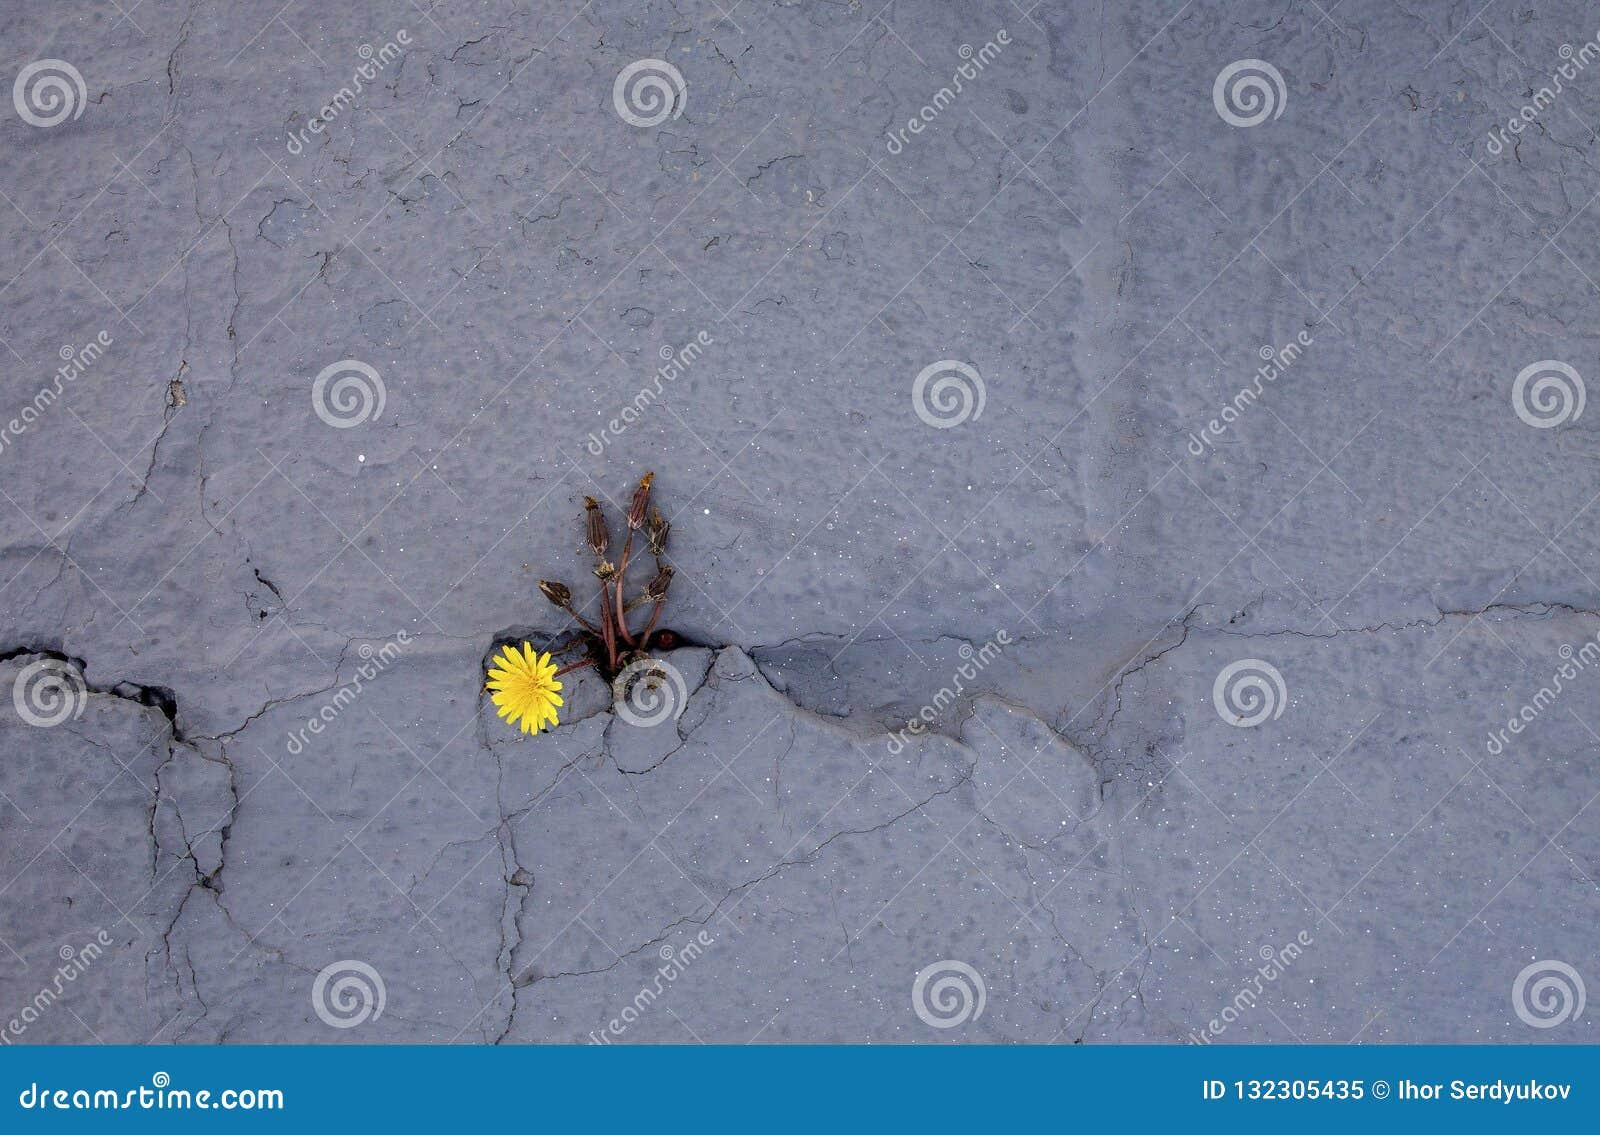 Paardebloemspruiten door de concrete vloer Het symbool van strijd en weerstand Concept: geef geen kwestie niet op wat,